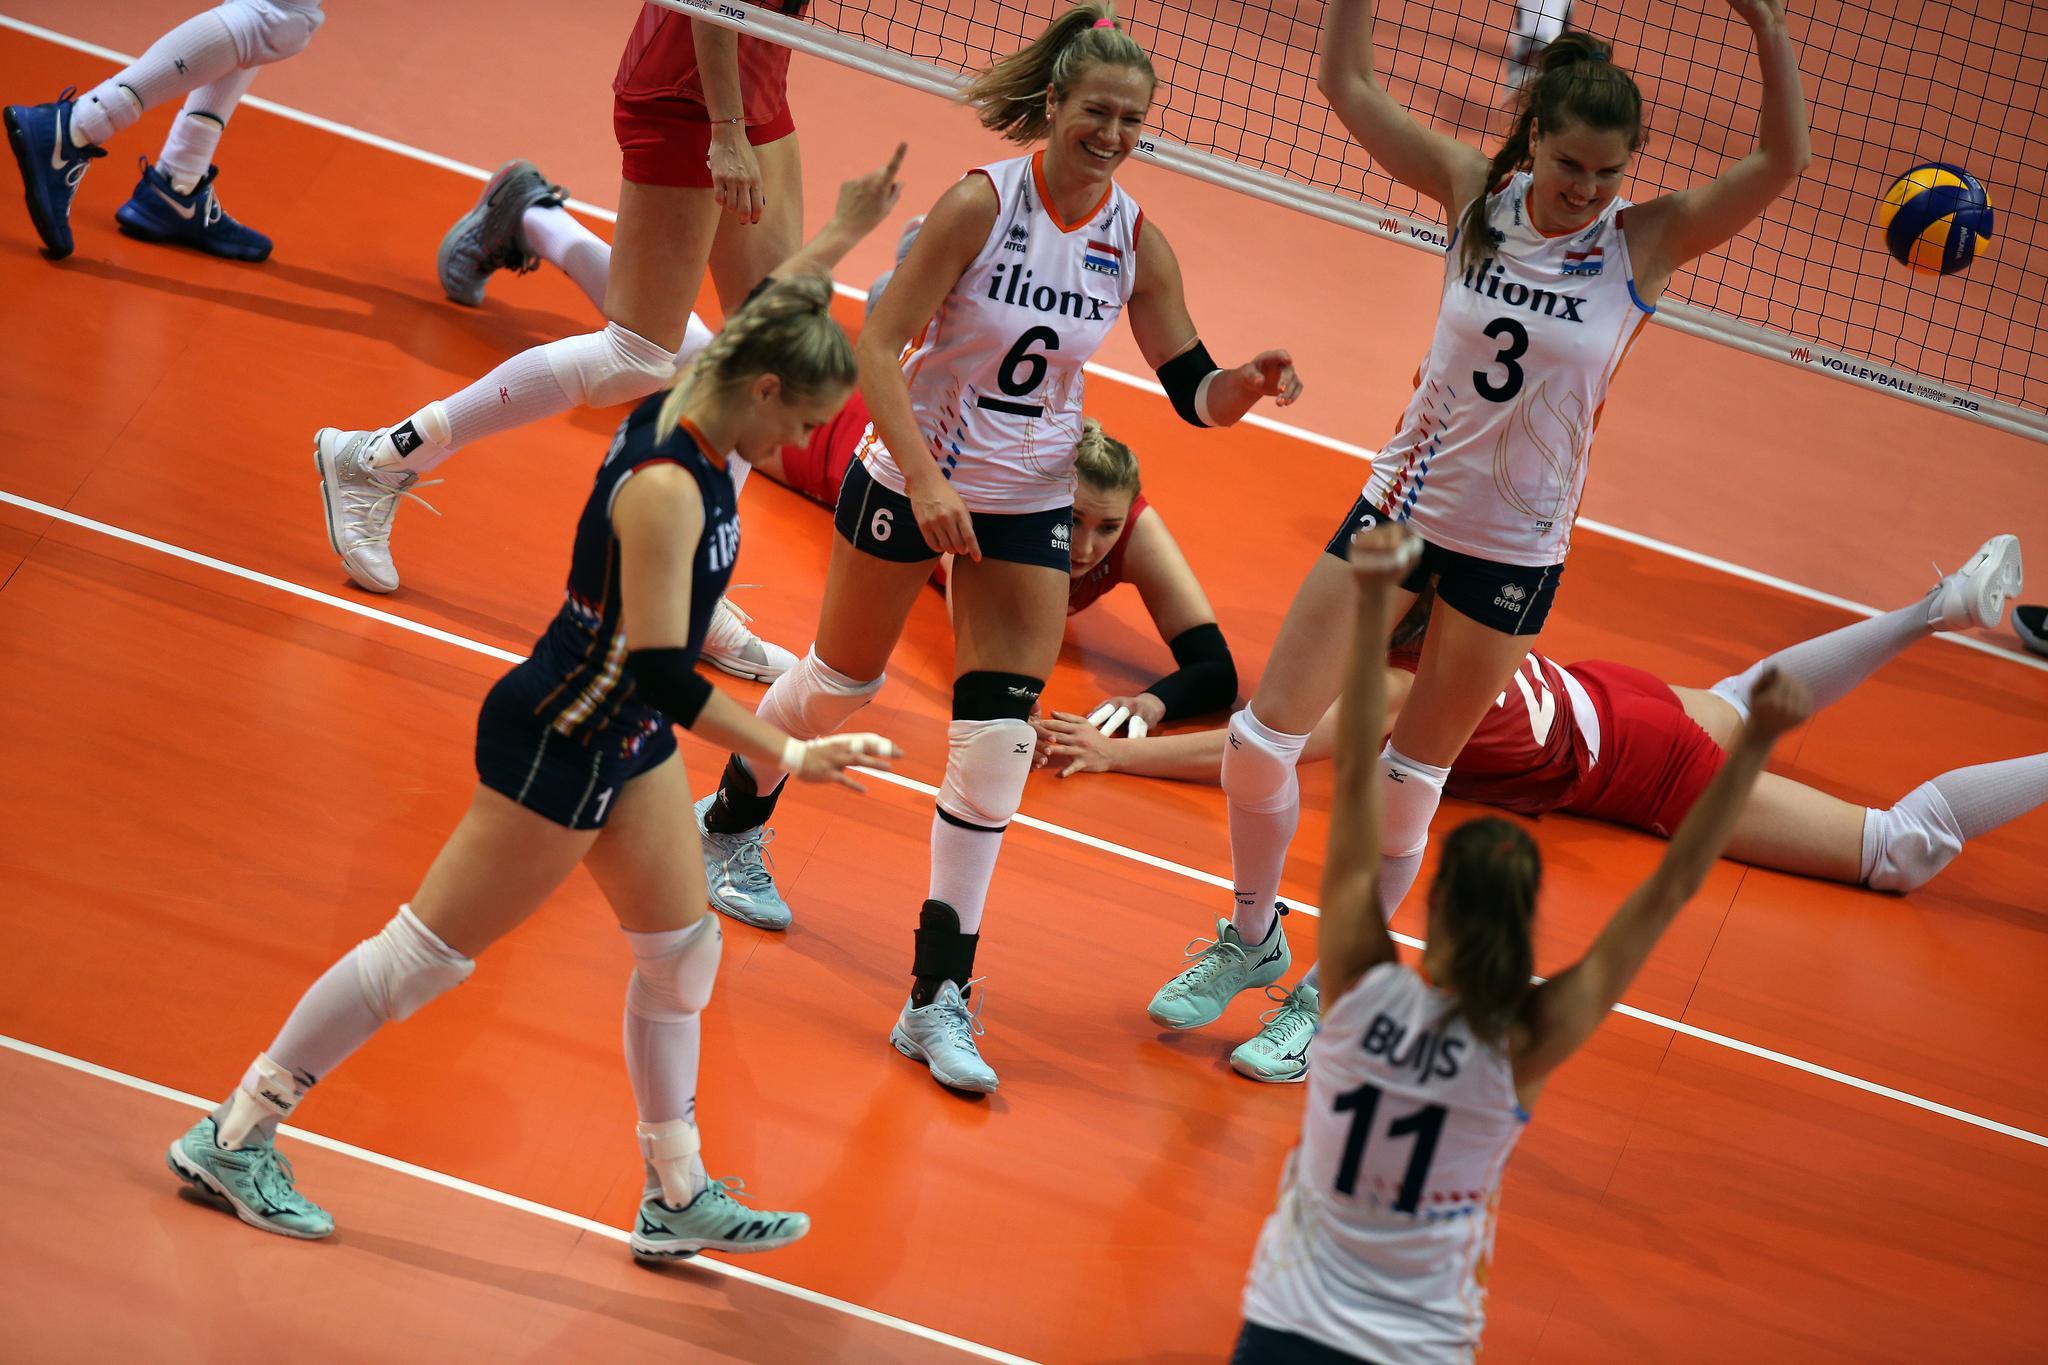 世联赛荷兰女排3-0俄罗斯